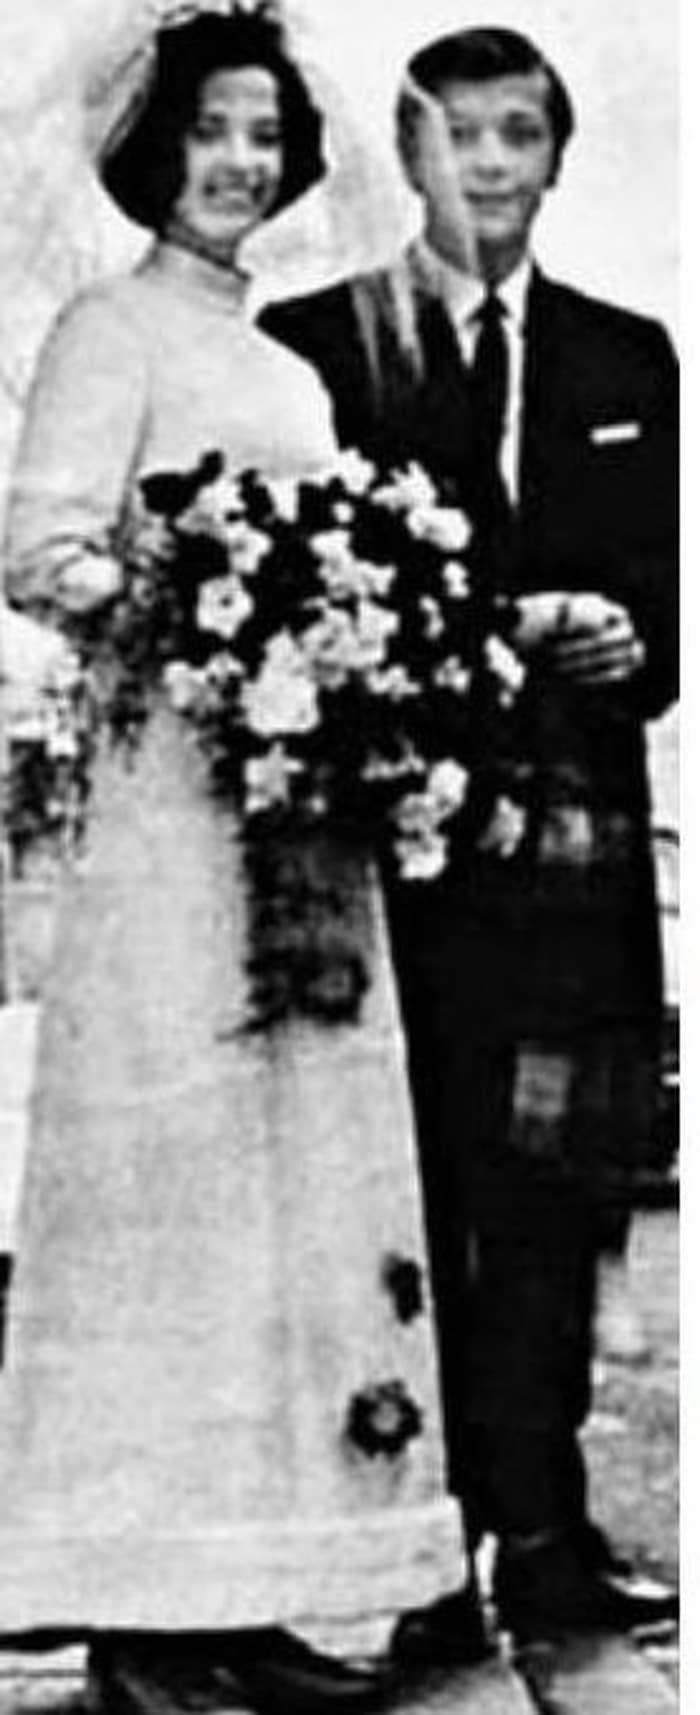 Свадьба Михаила Задорнова и Велты Калнберзиной